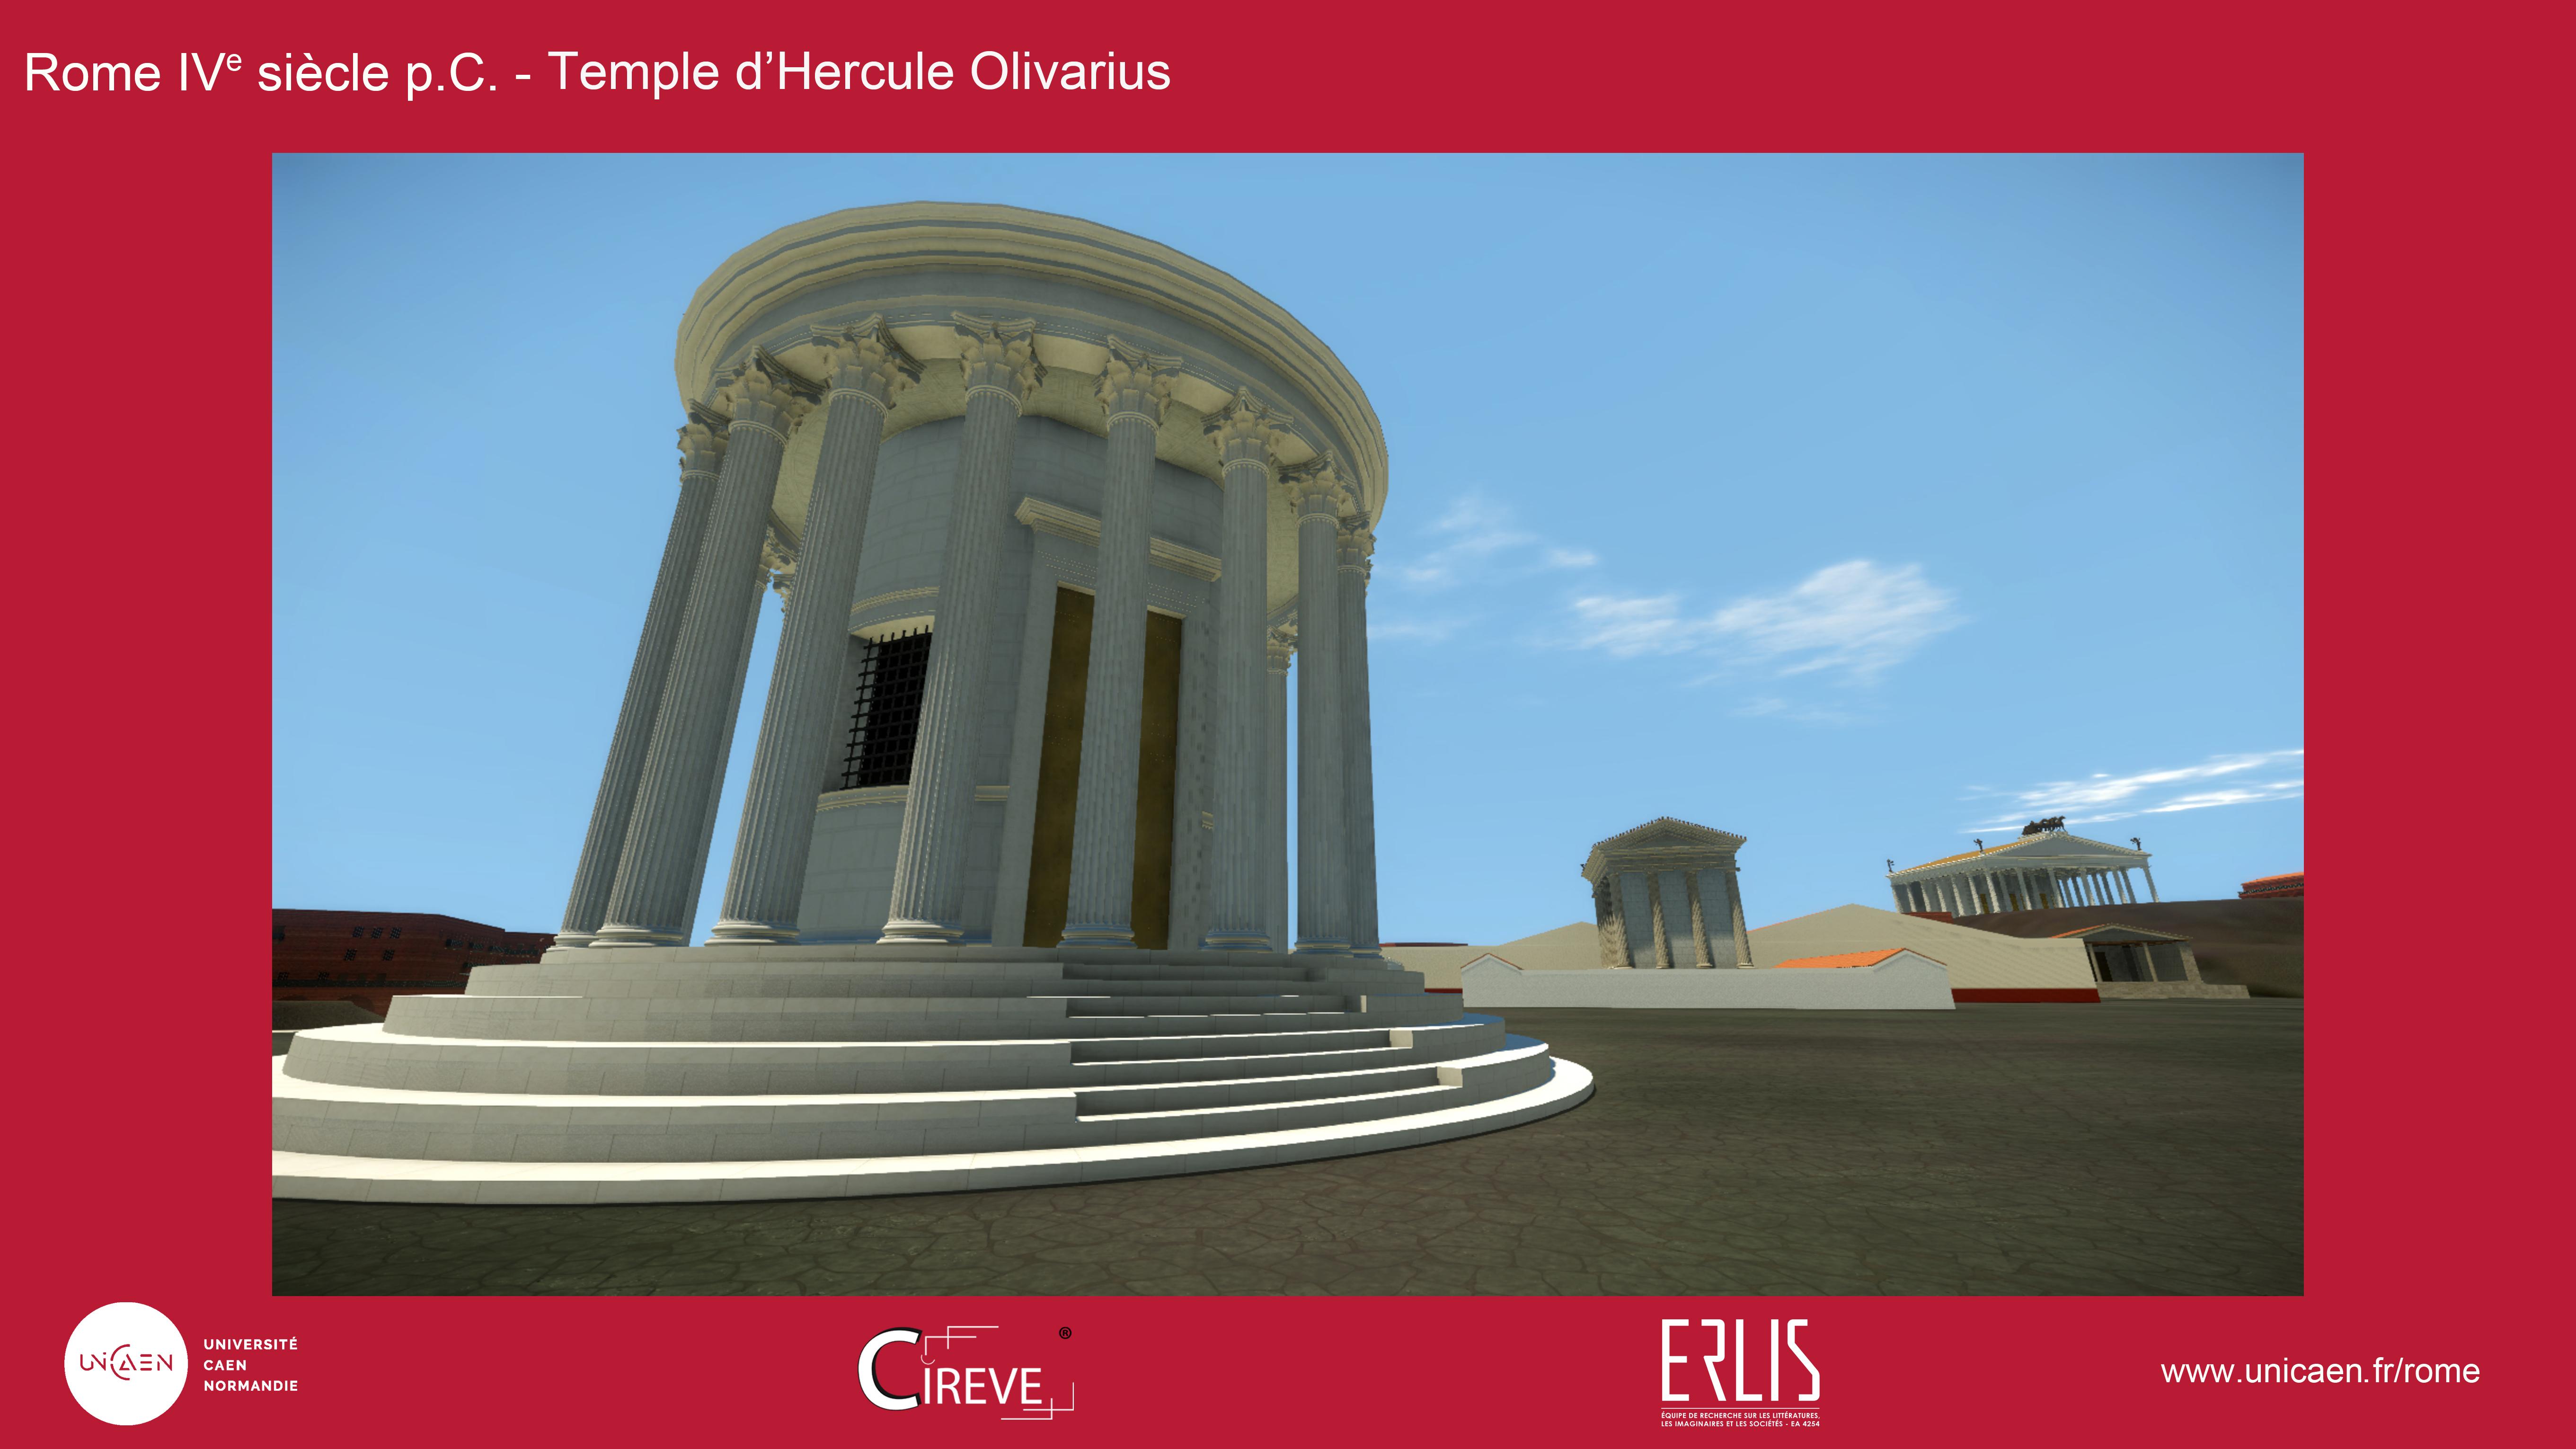 Temple d'Hercule Olivarius